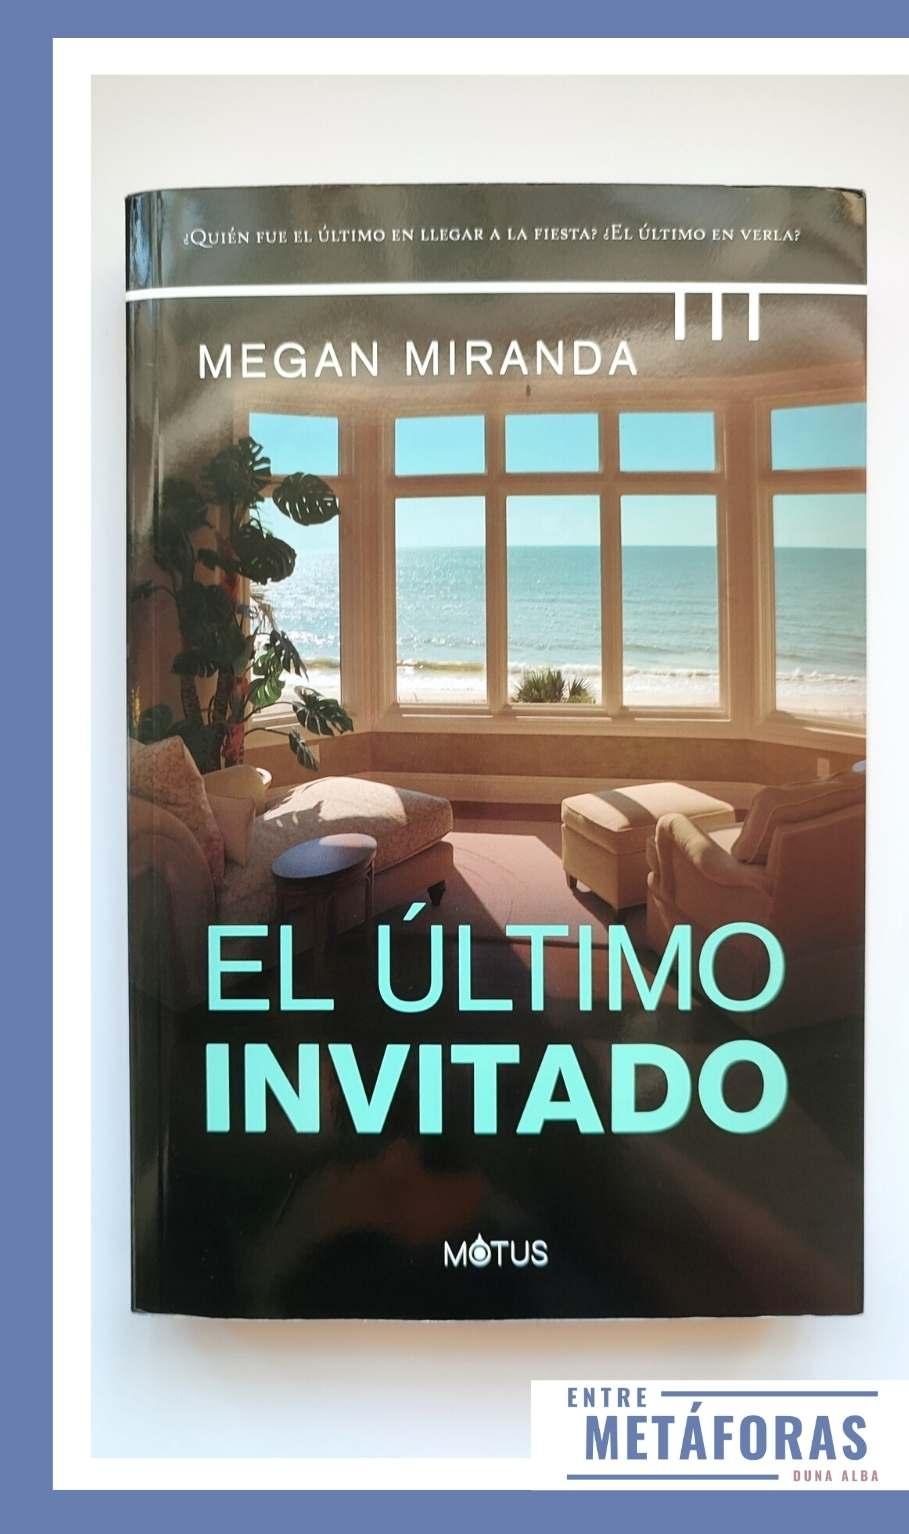 El último invitado, de Megan Miranda